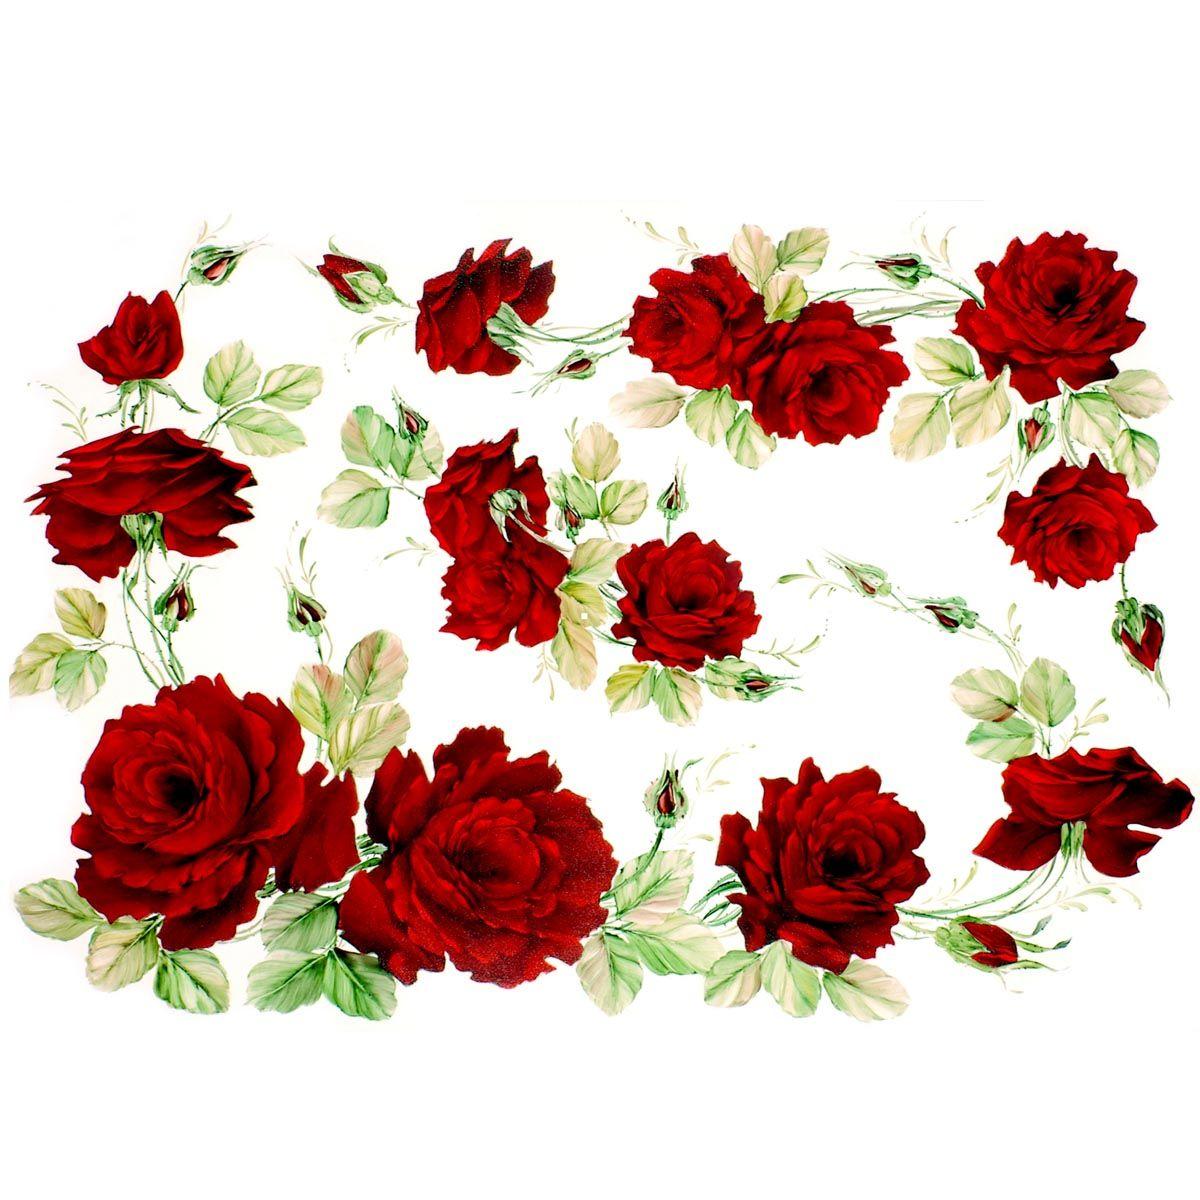 QSIPR009 Декупажная бумага рисовая 'Красные розы', плотность 25 гр./кв.м, 35х50 см, Renkalik